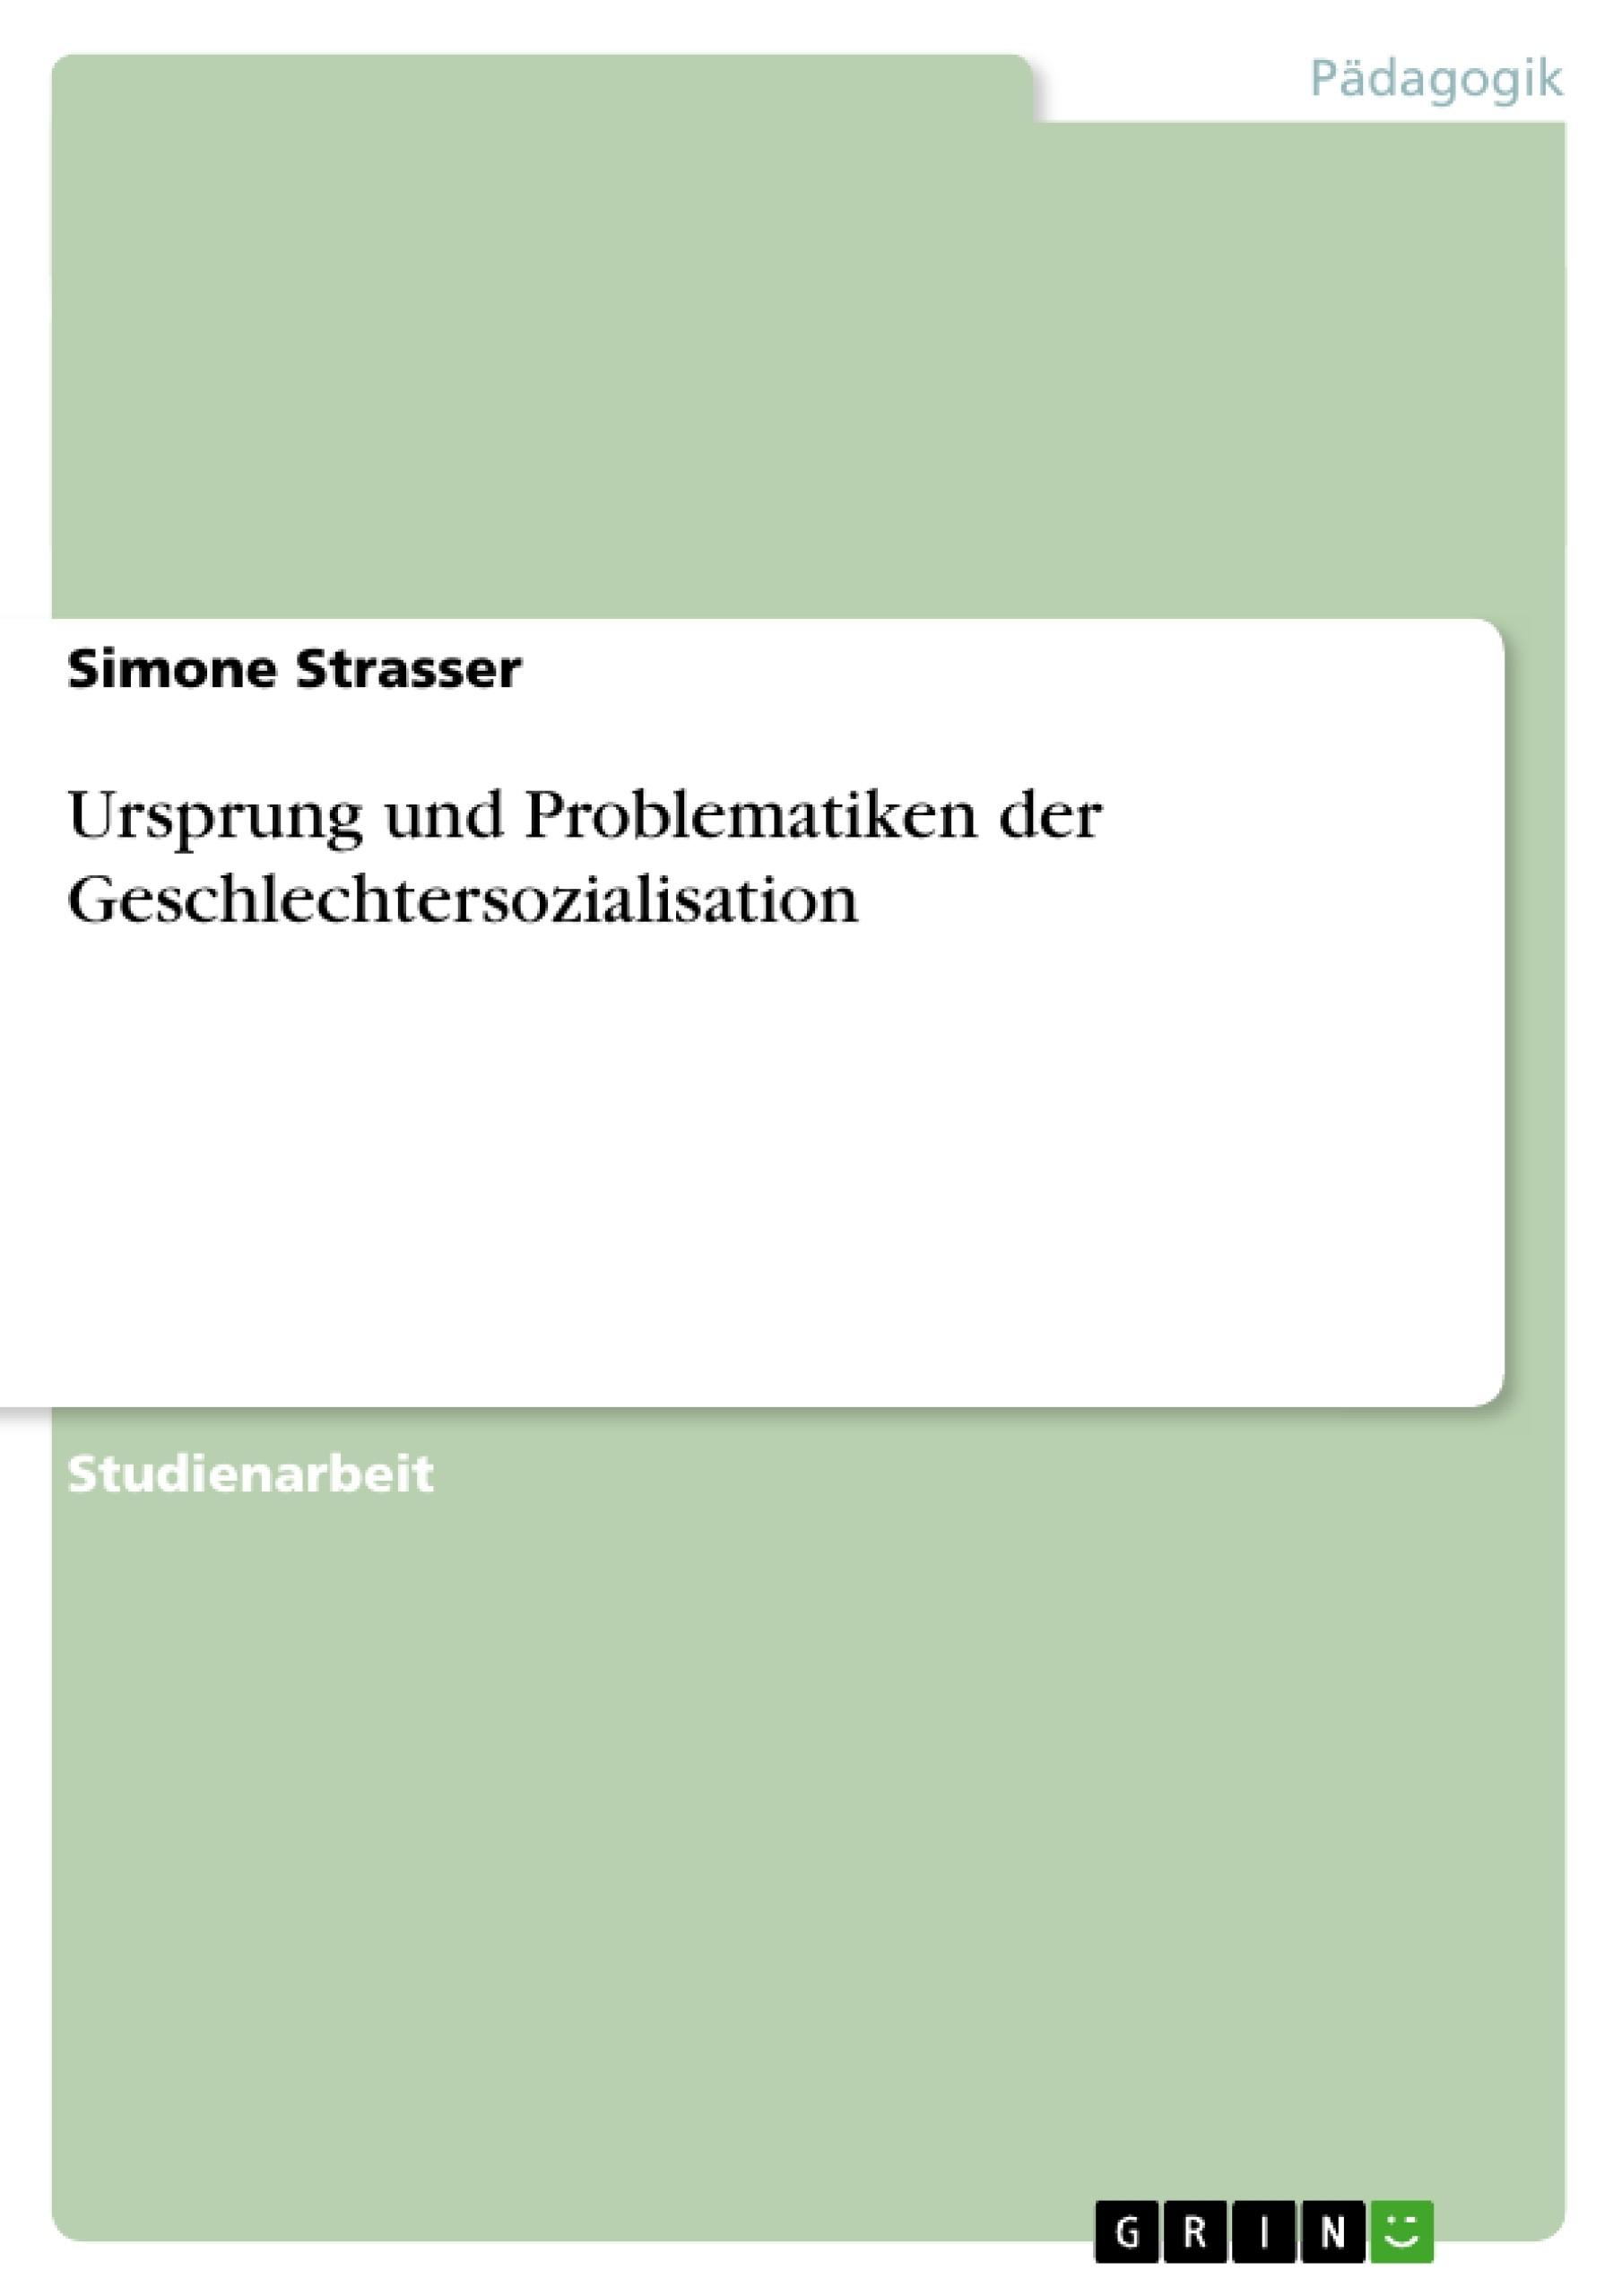 Titel: Ursprung und Problematiken der Geschlechtersozialisation